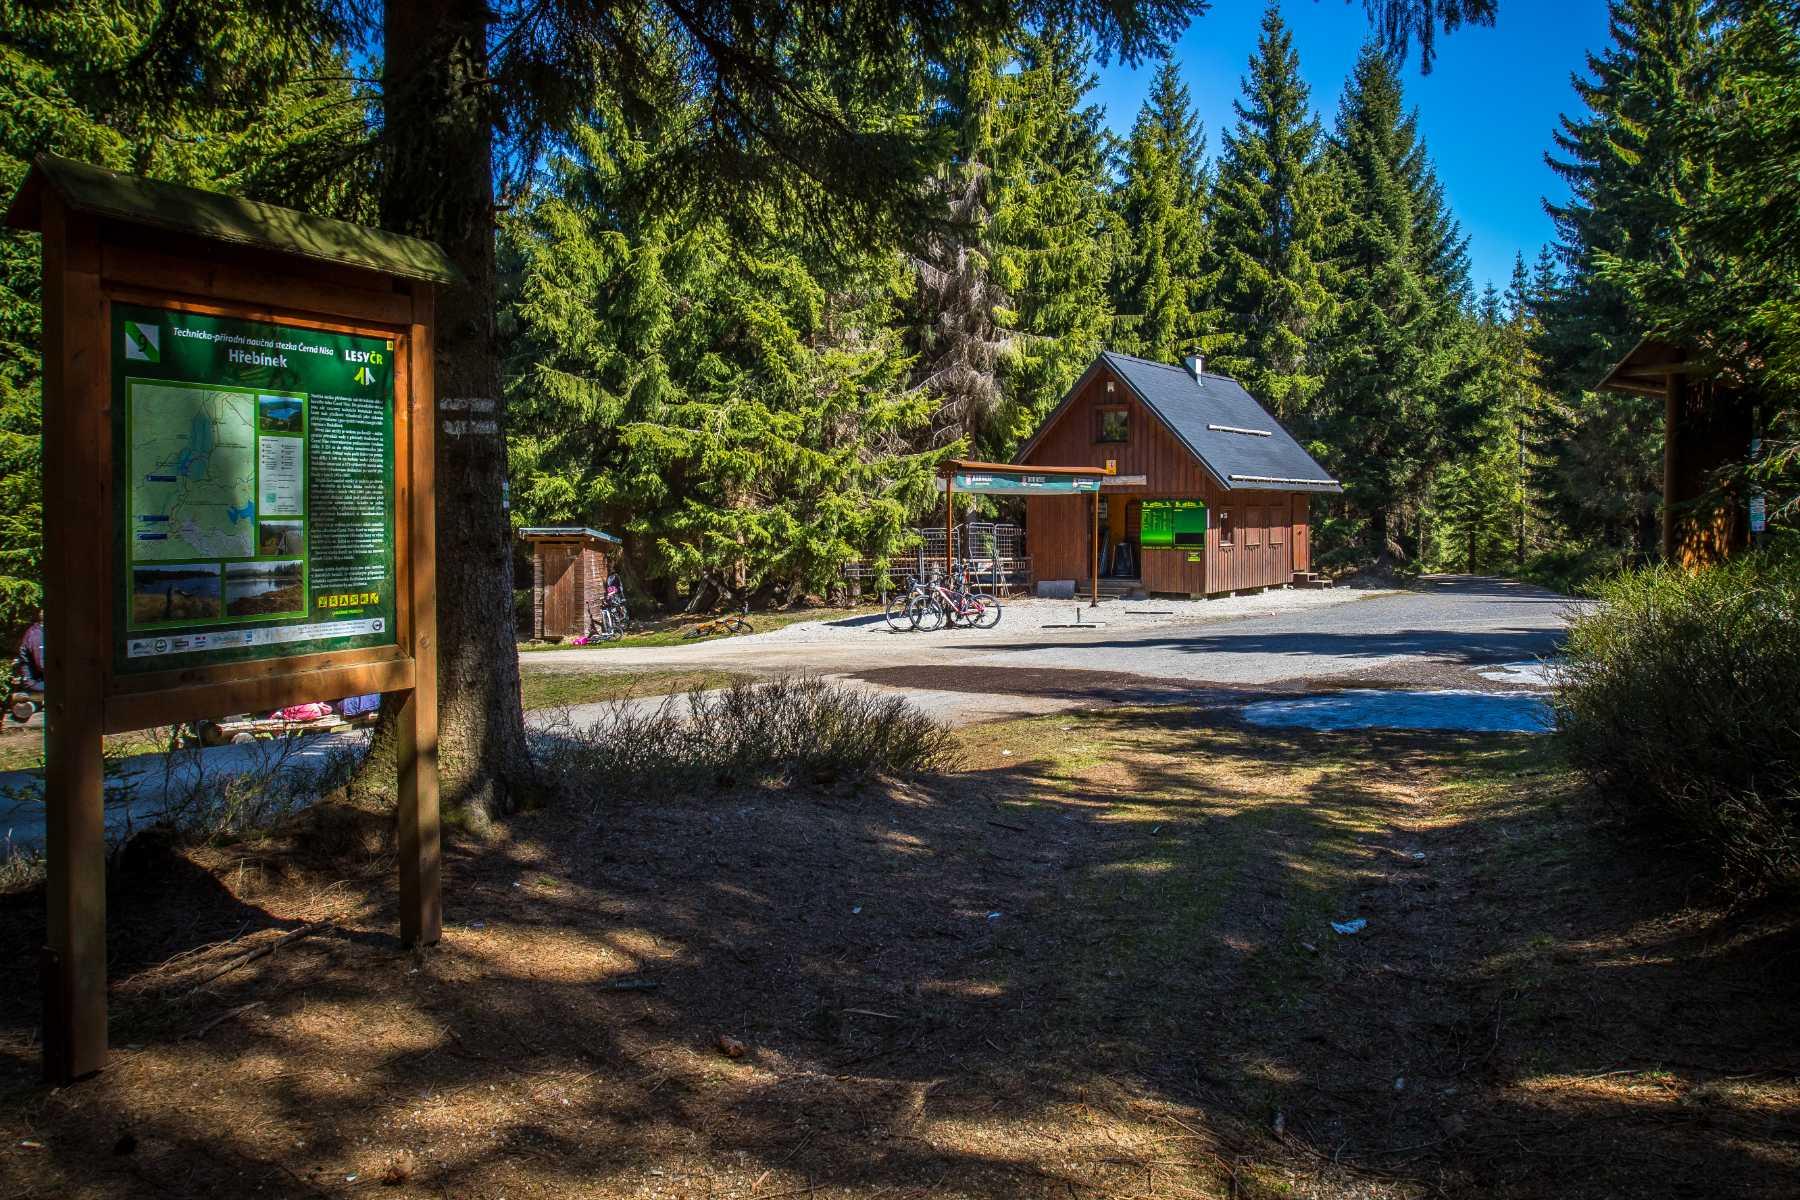 Hřebínek - dřevěný stánek s občerstvením v Jizerských horách - oblíbené místo turistů, cyklistů i běžkařů